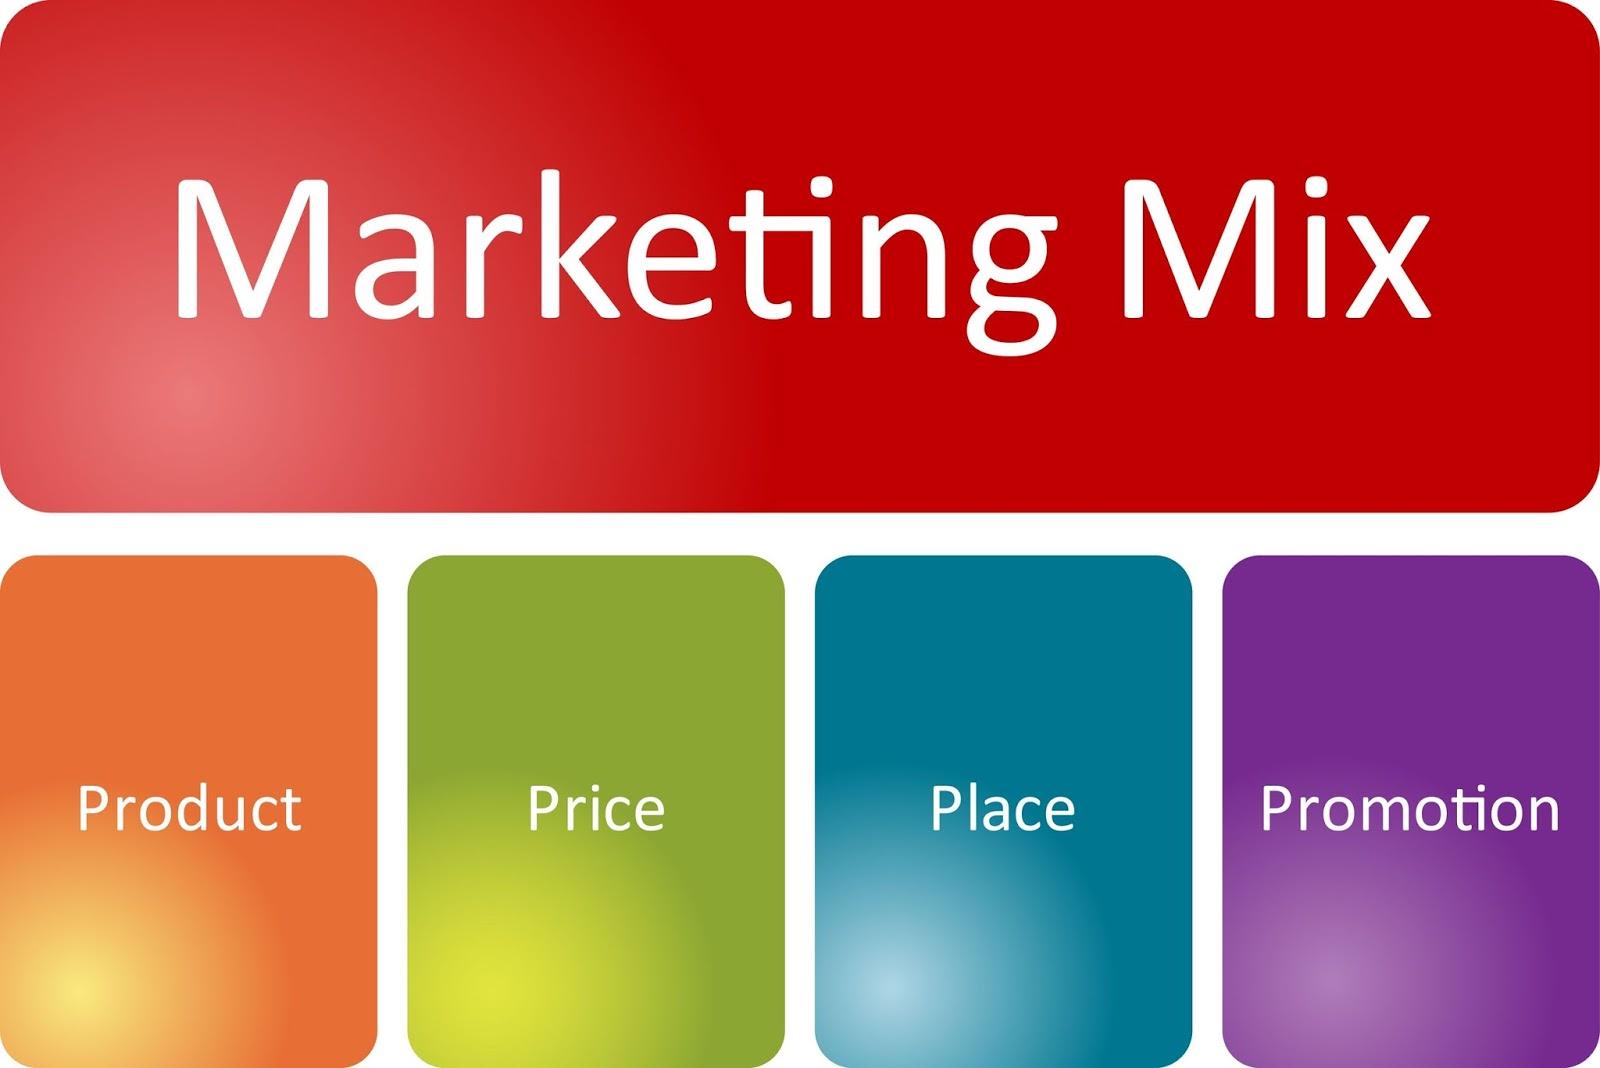 Tìm hiểu về marketing mix, marketing 4p là gì? - IMARKETING.VN